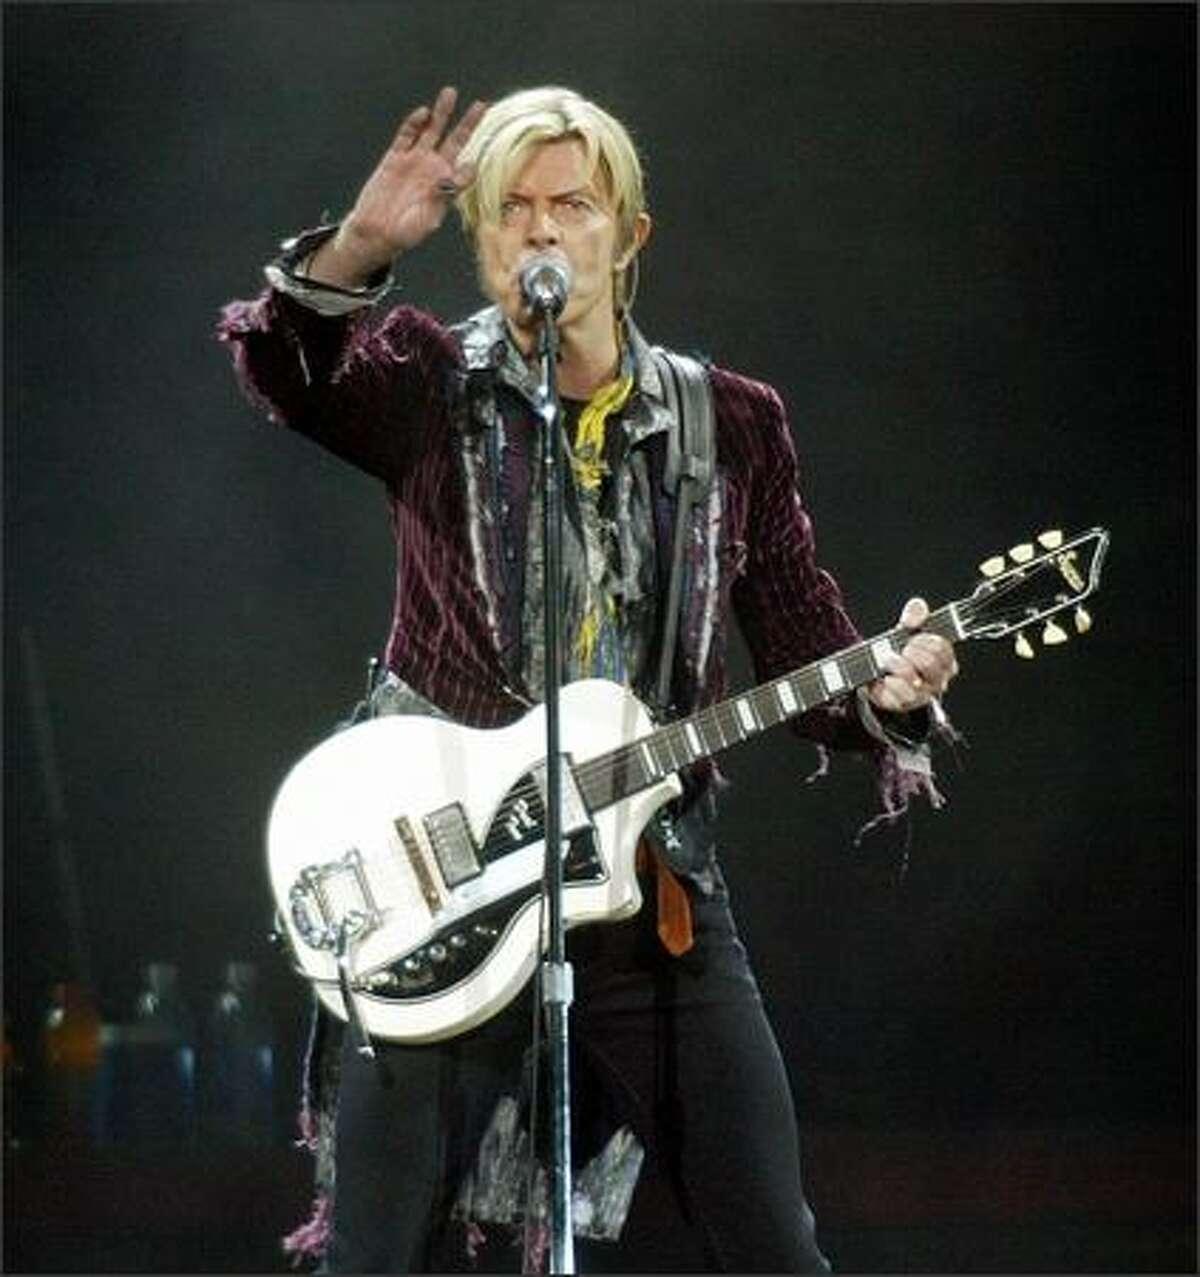 David Bowie at KeyArena